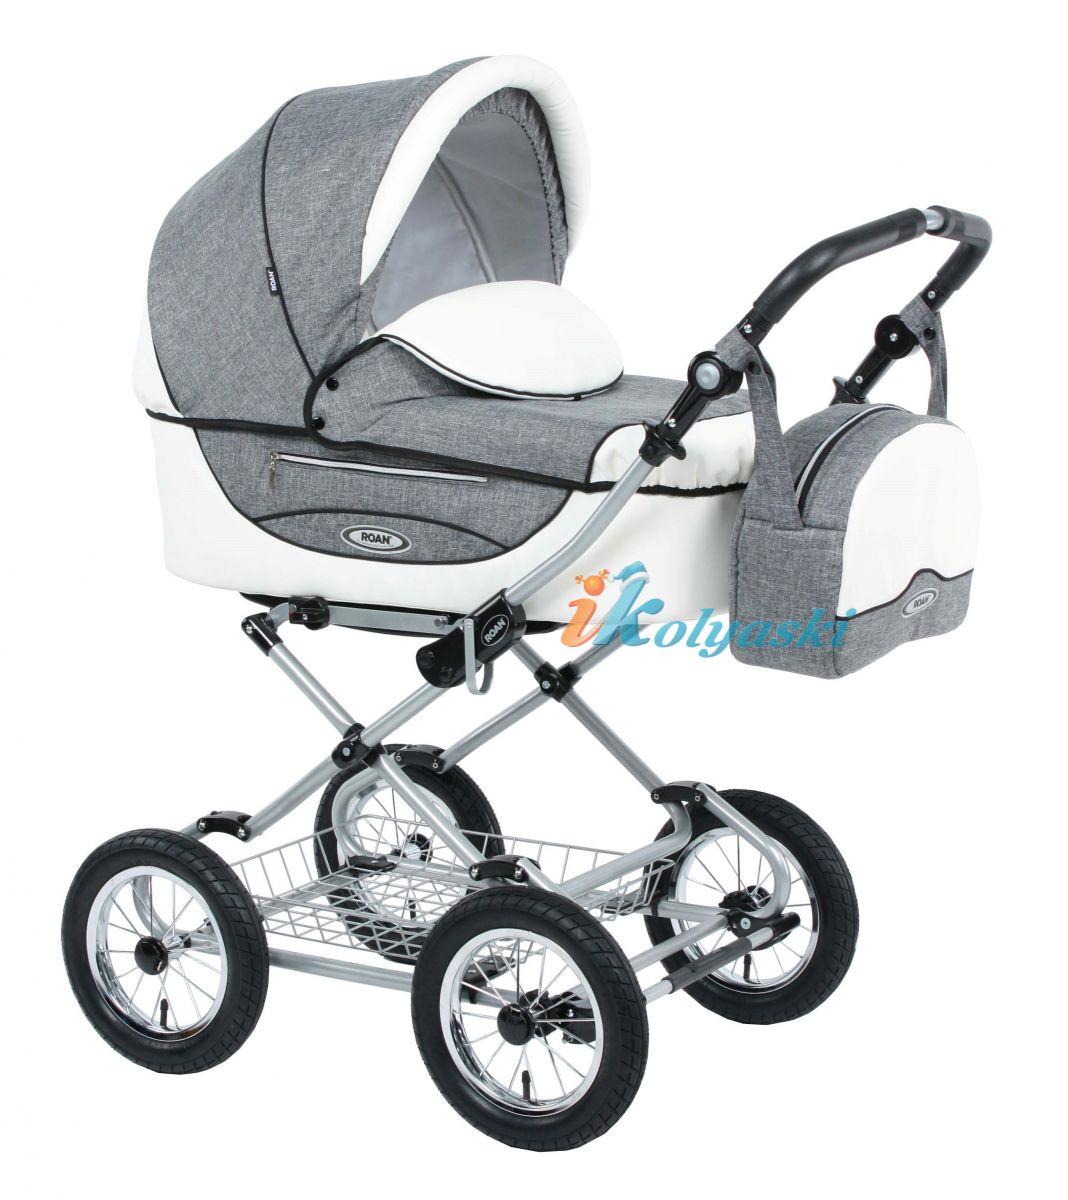 Детская коляска Roan Kortina Luxe Роан Кортина люкс 2018 спальная люлька 3 в 1 , коляска для новорожденных, коляска зима-лето.  roan kortina, roan cortina, Детская коляска Roan Kortina Luxe, коляска Роан Кортина люкс 2018, коляска спальная, коляска  люлька, коляска 3 в 1, коляска для новорожденных, роан кортина, коляска роан кортина, коляска roan cortina, цвет D-75